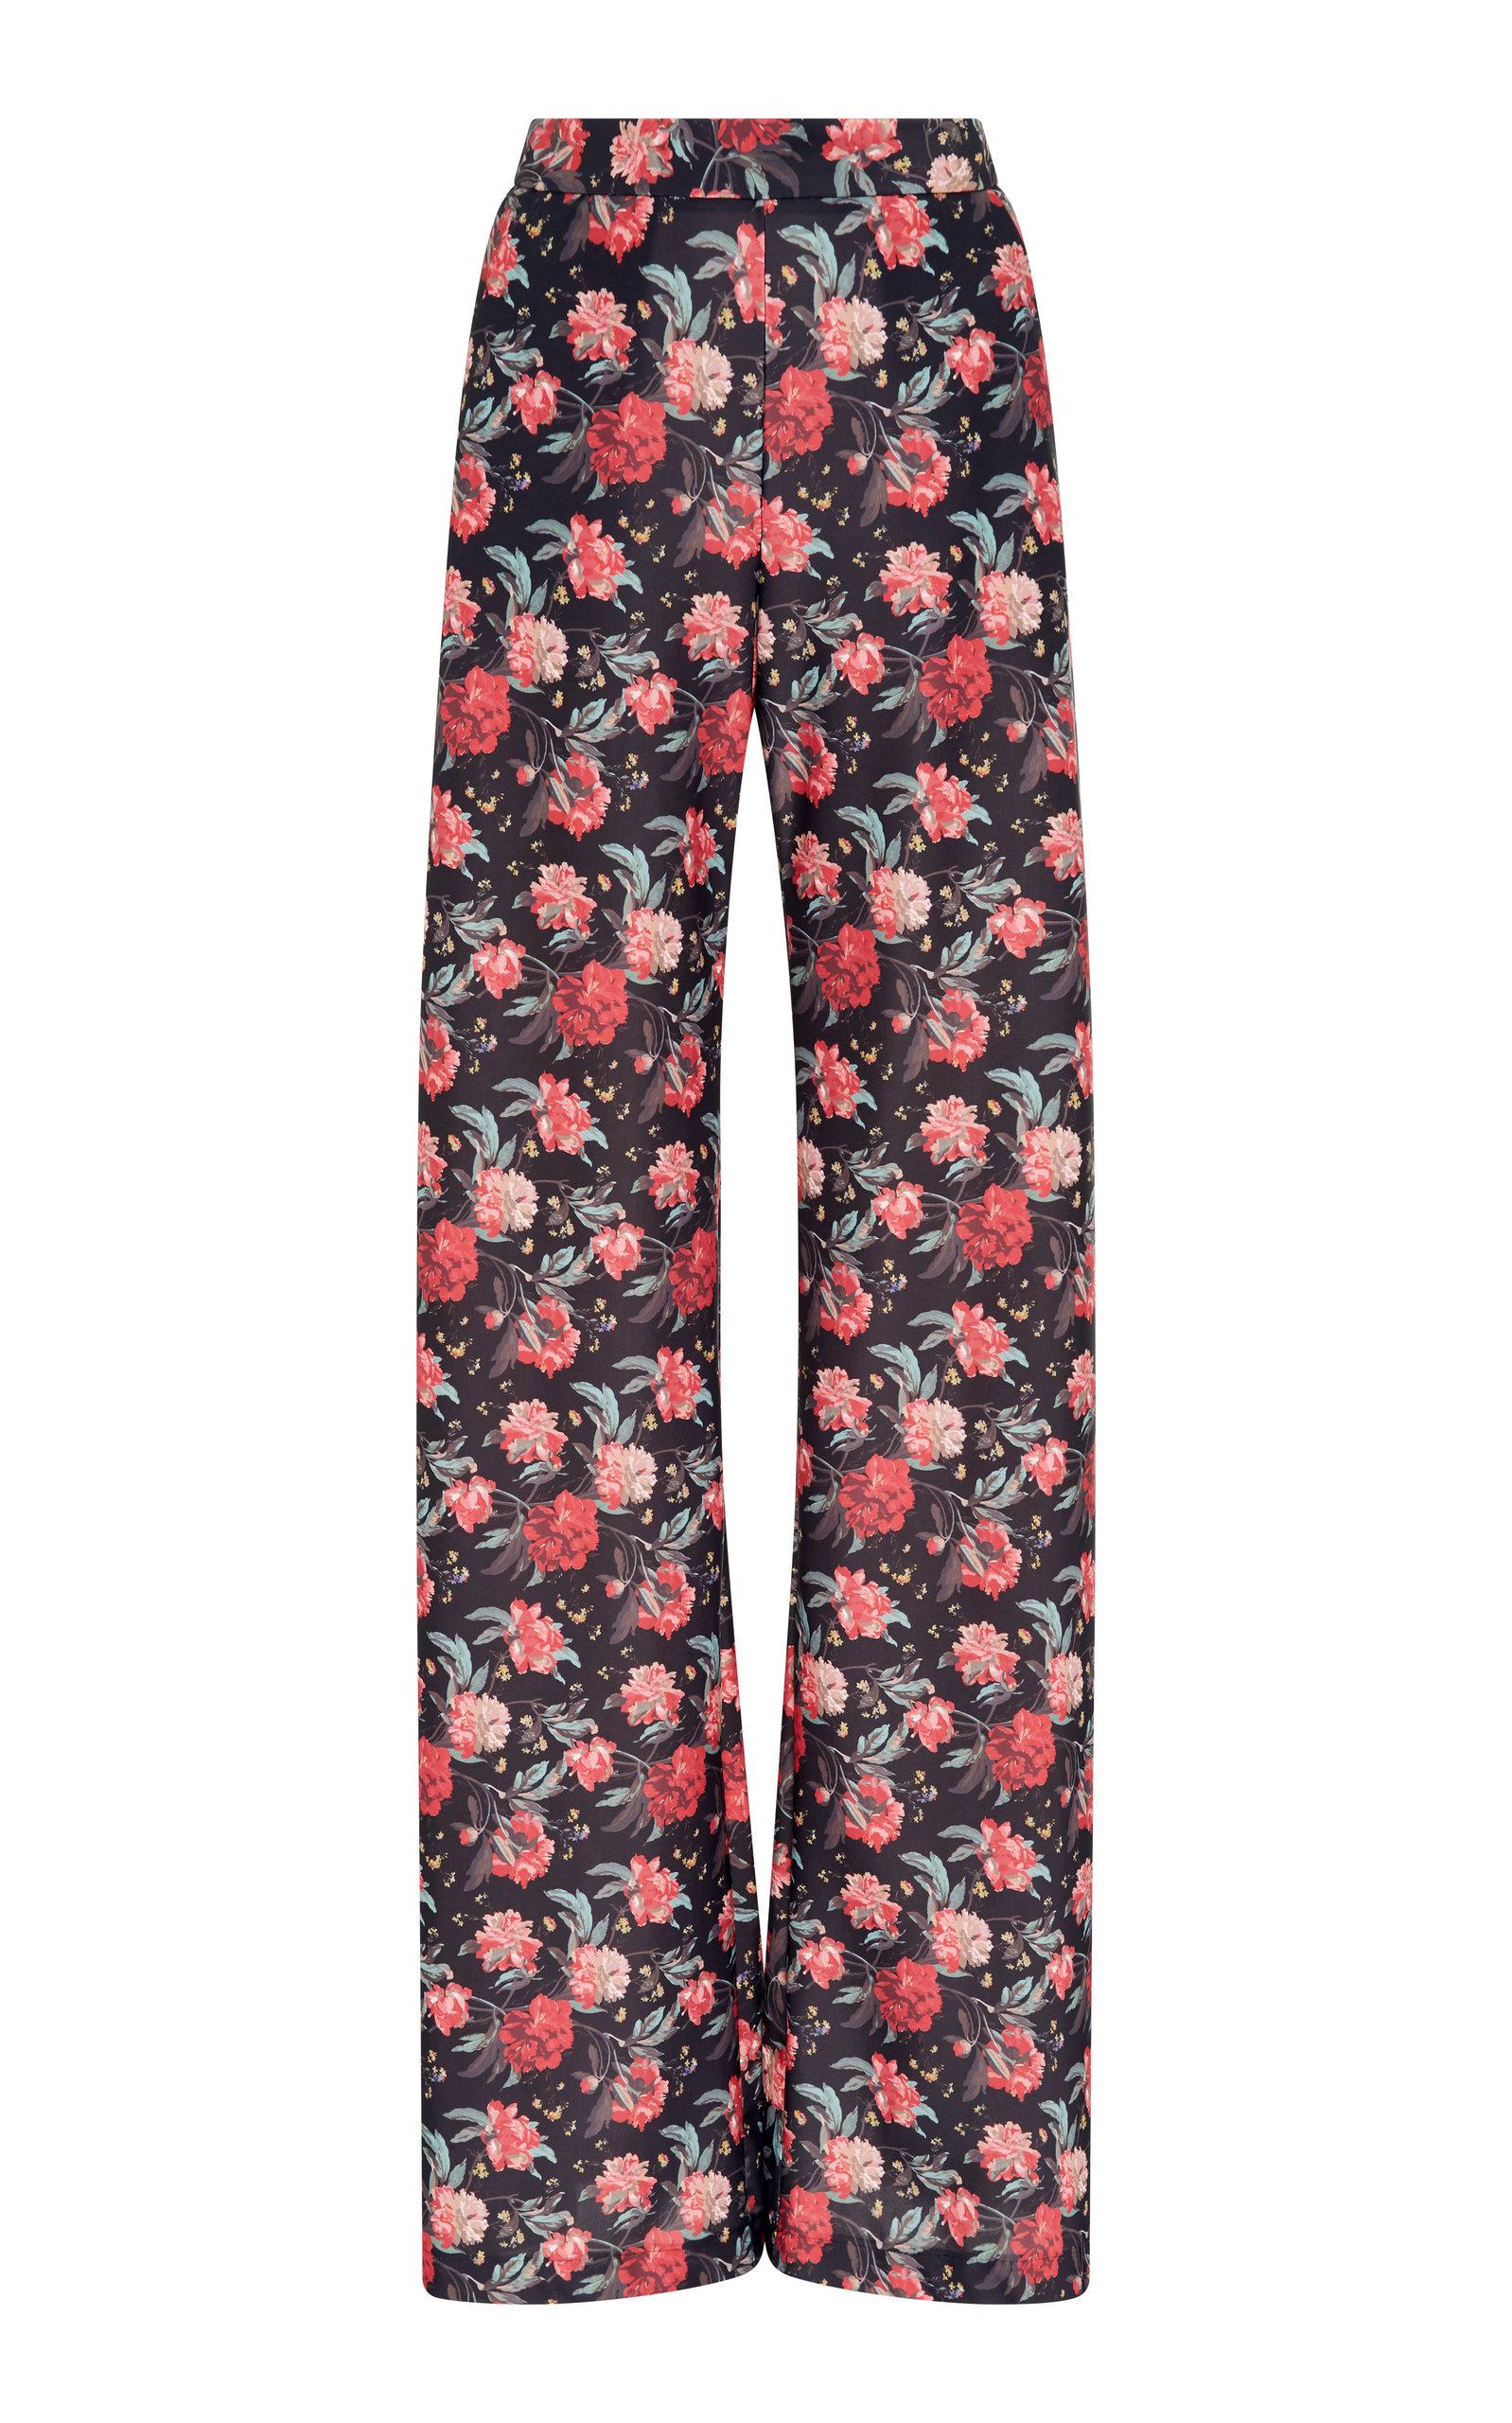 ALCOOLIQUE Amelianna Floral Pant